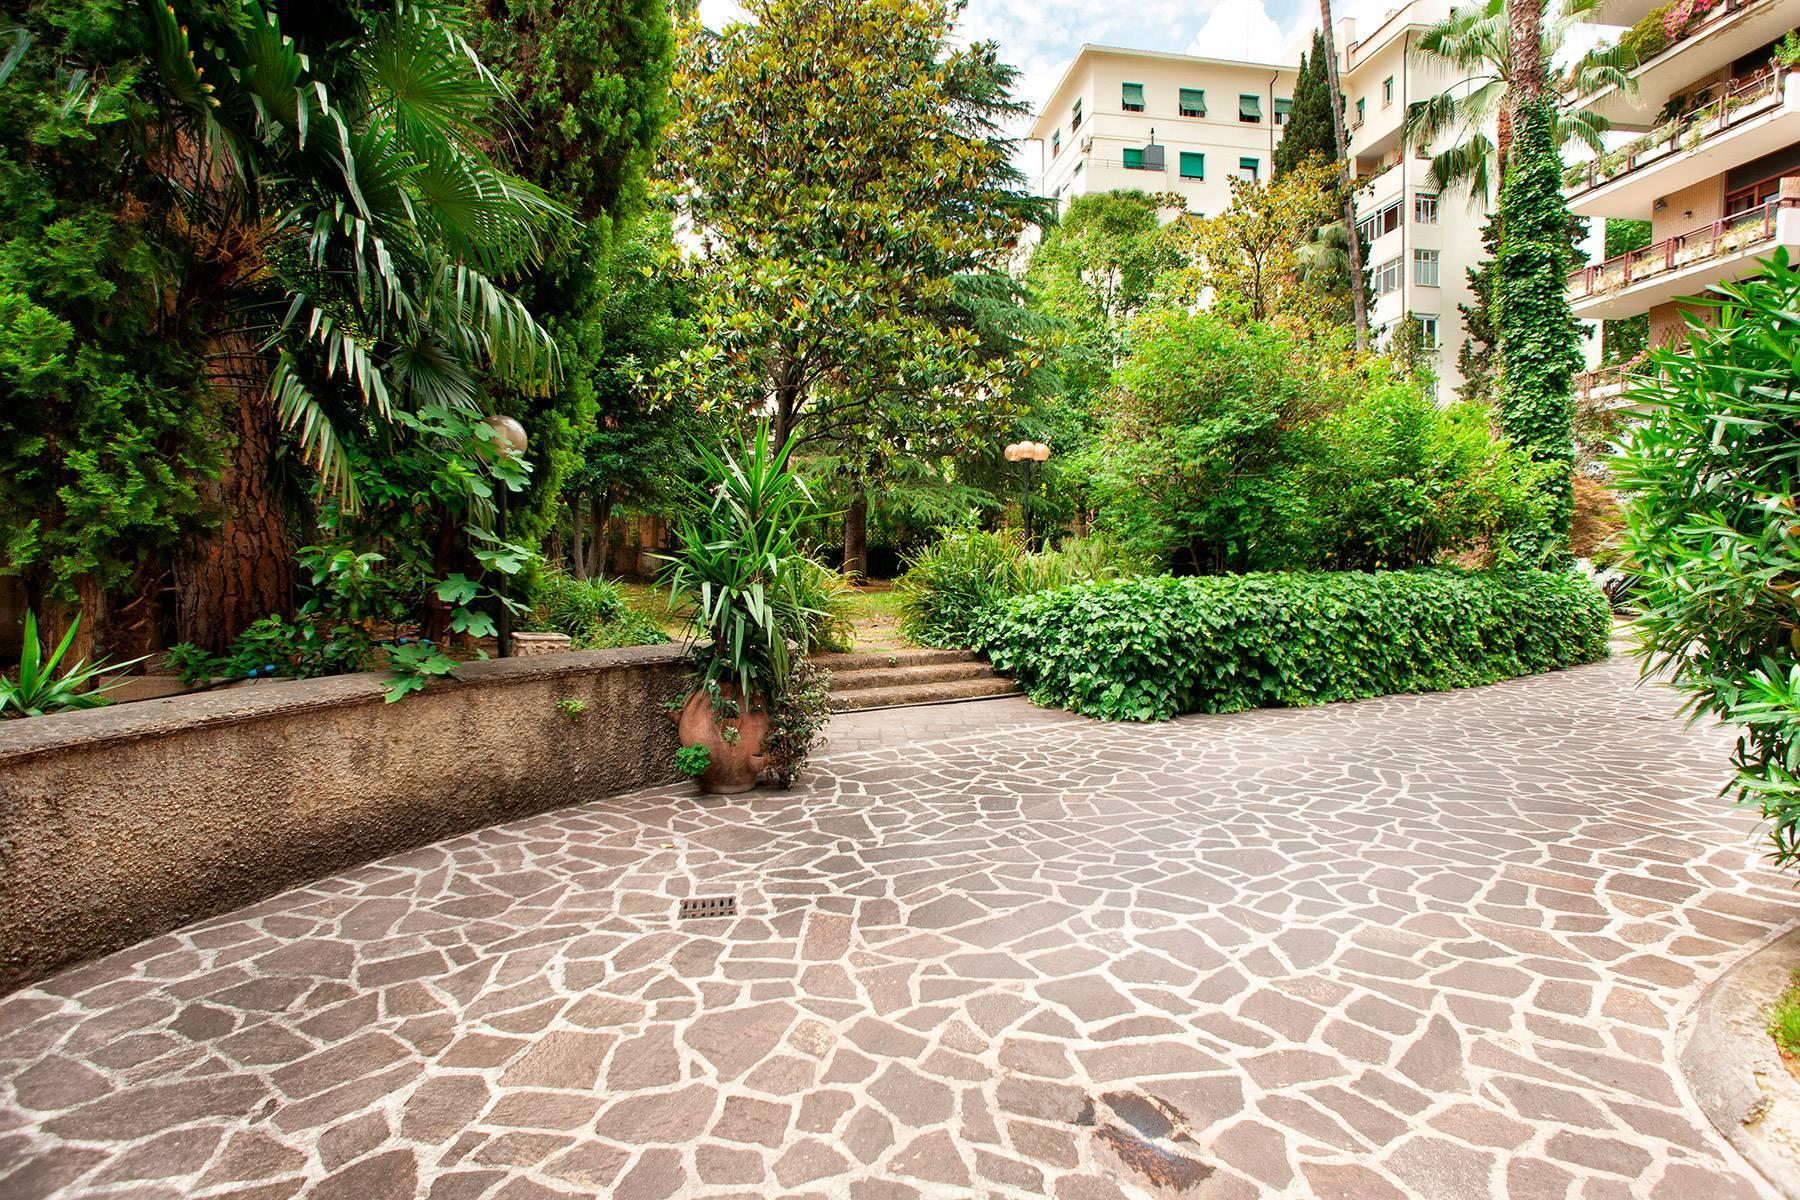 Design-Penthouse mit Panorama-Terrasse mitten im Grünen - 10